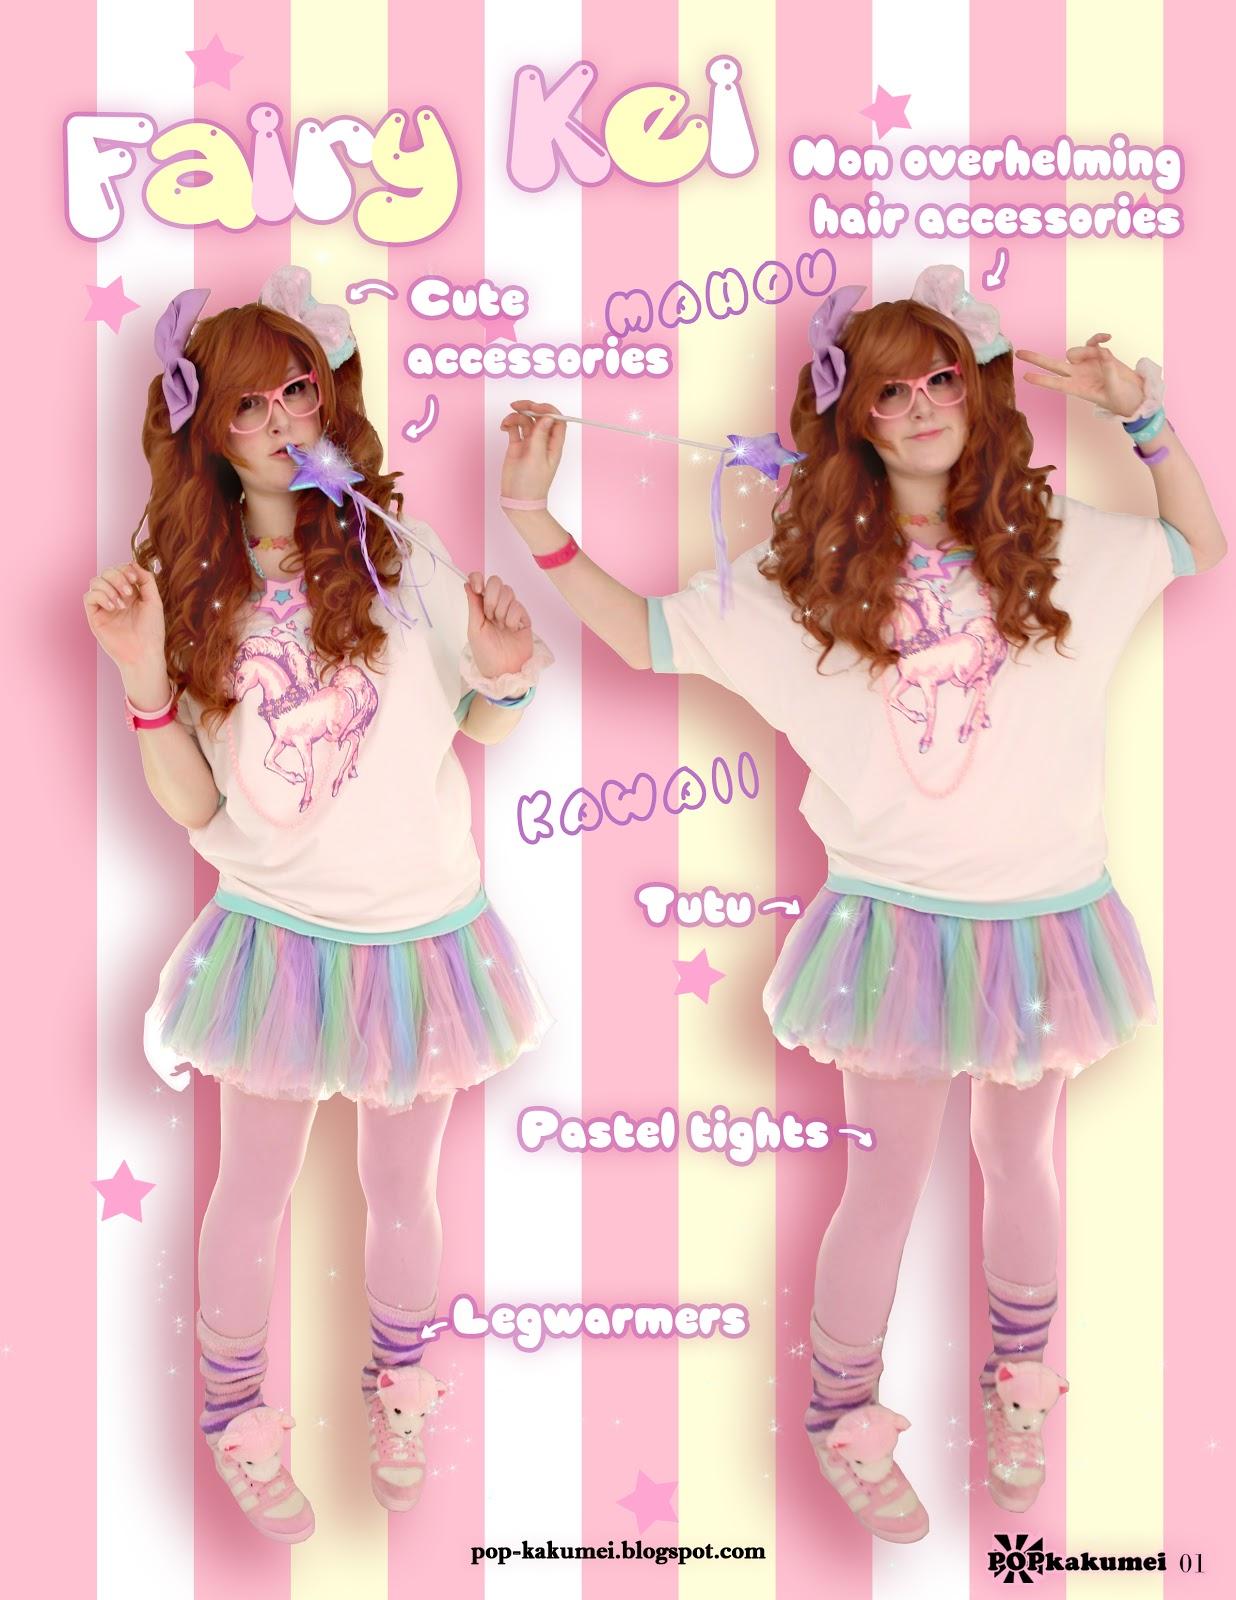 POPkakumei: ~*~ Fairy Kei